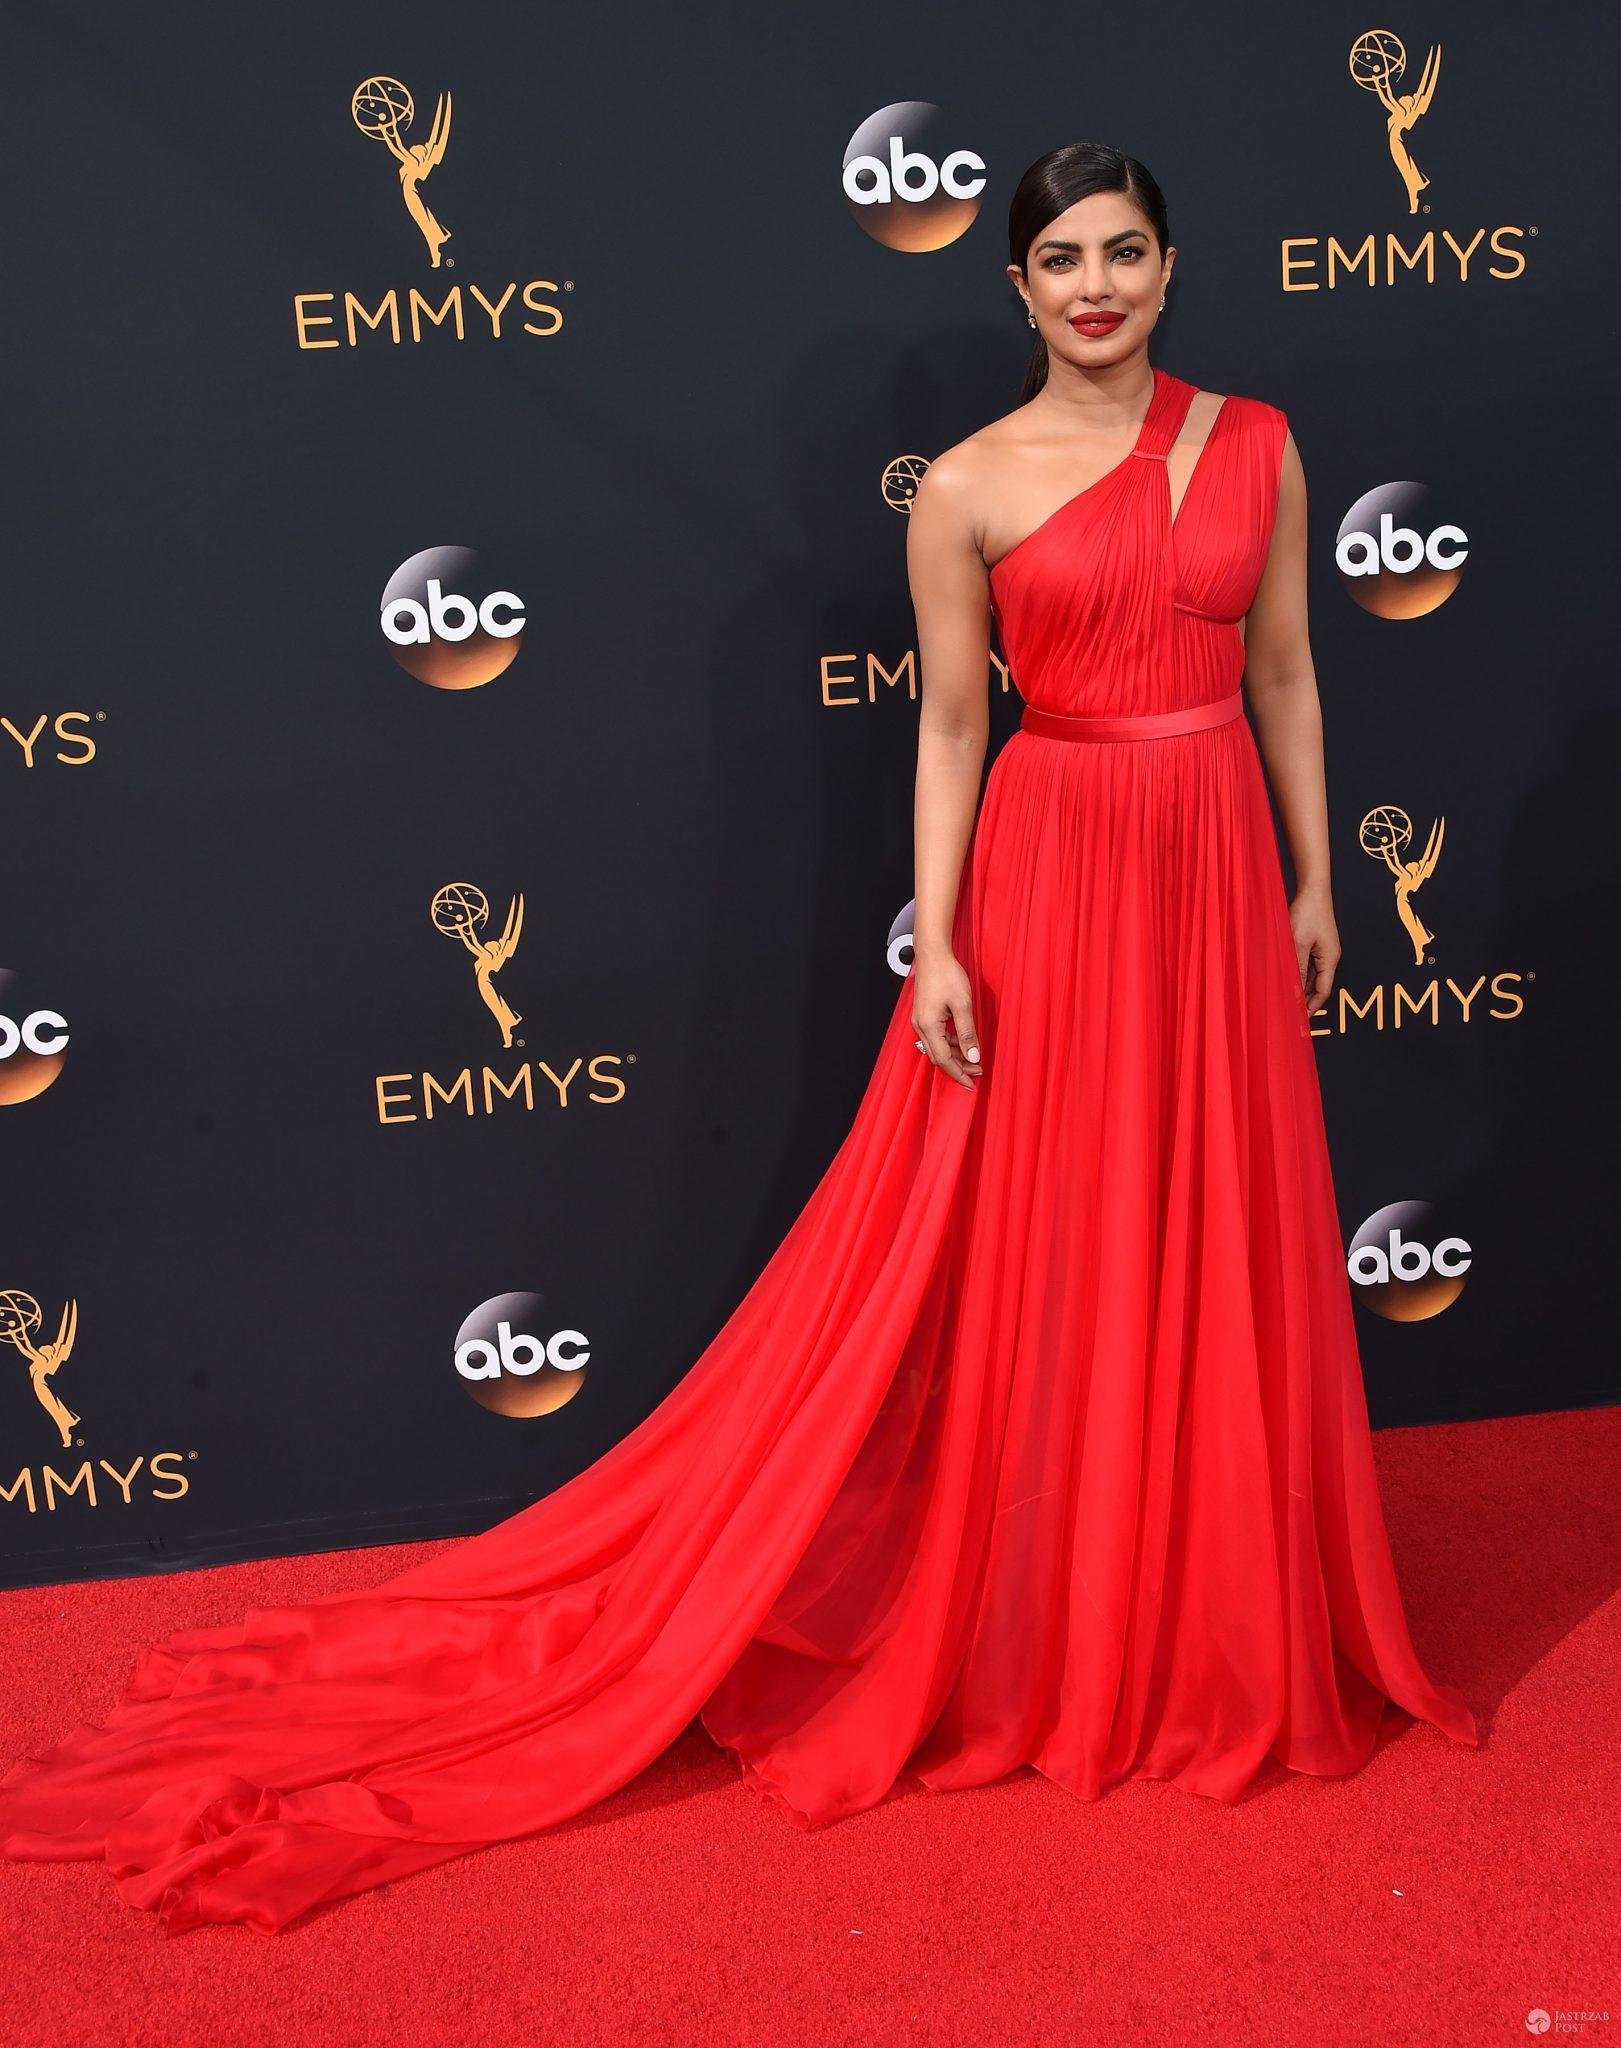 Priyanka Chopra - Emmy Awards 2016